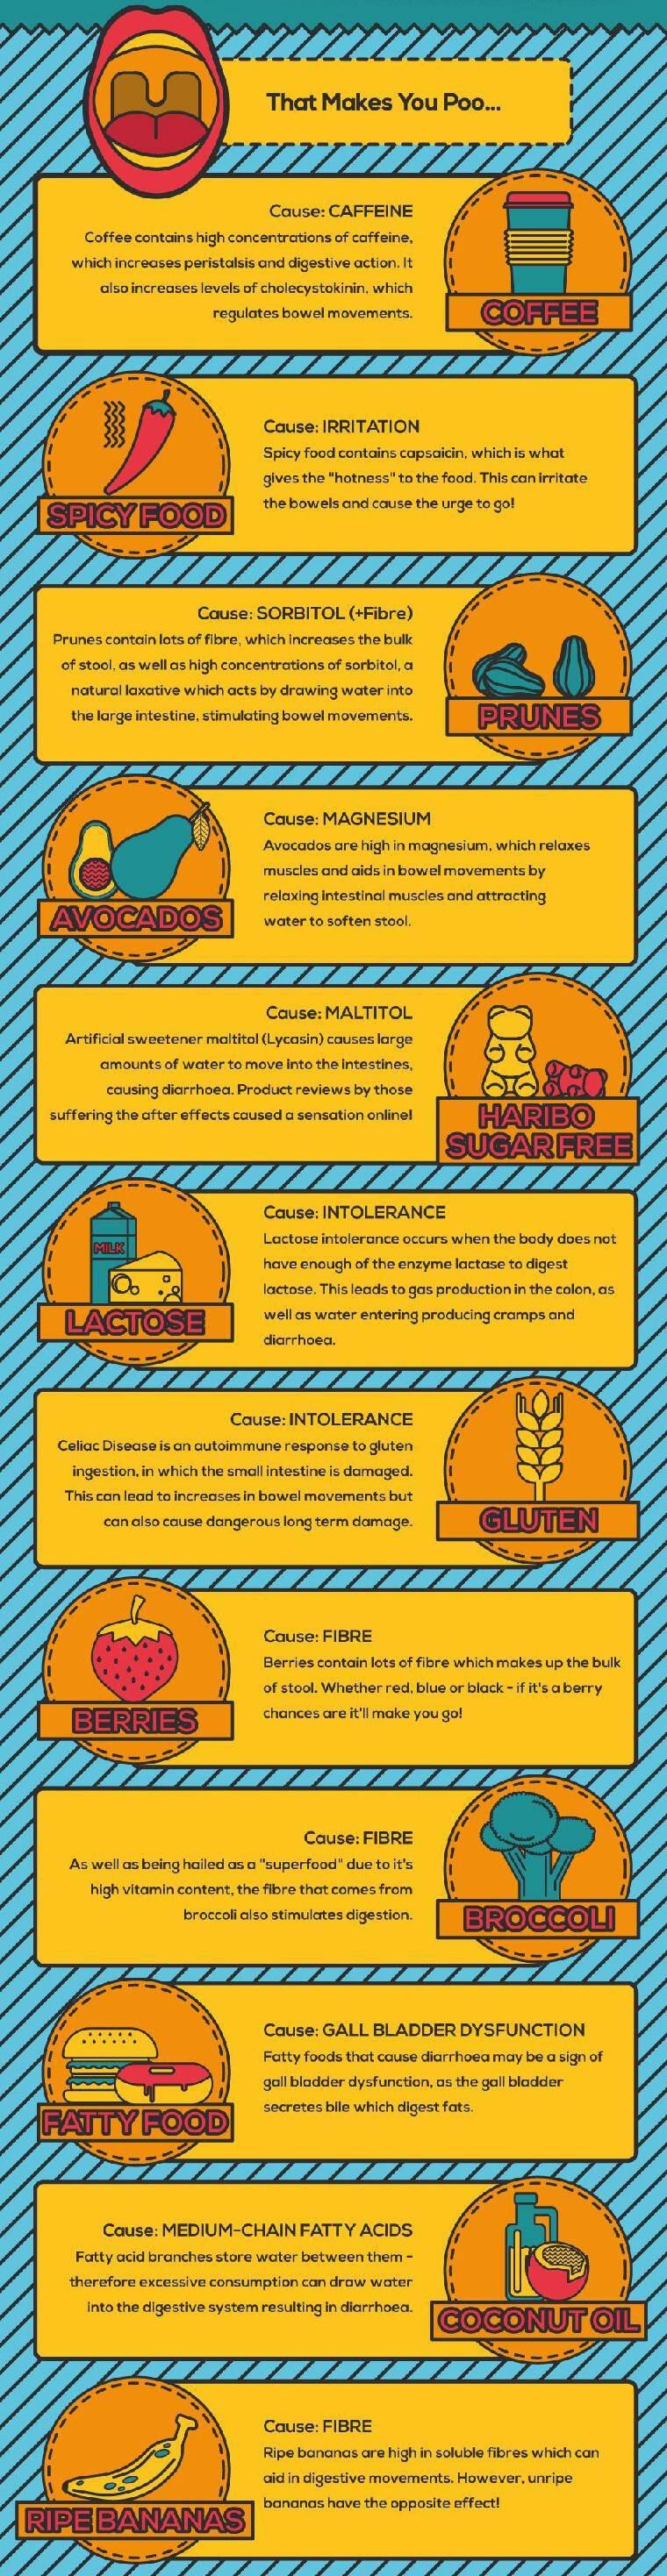 Δυσκοιλιότητα: Τροφές & ποτά που βοηθούν ή κάνουν το πρόβλημα χειρότερο (γράφημα)